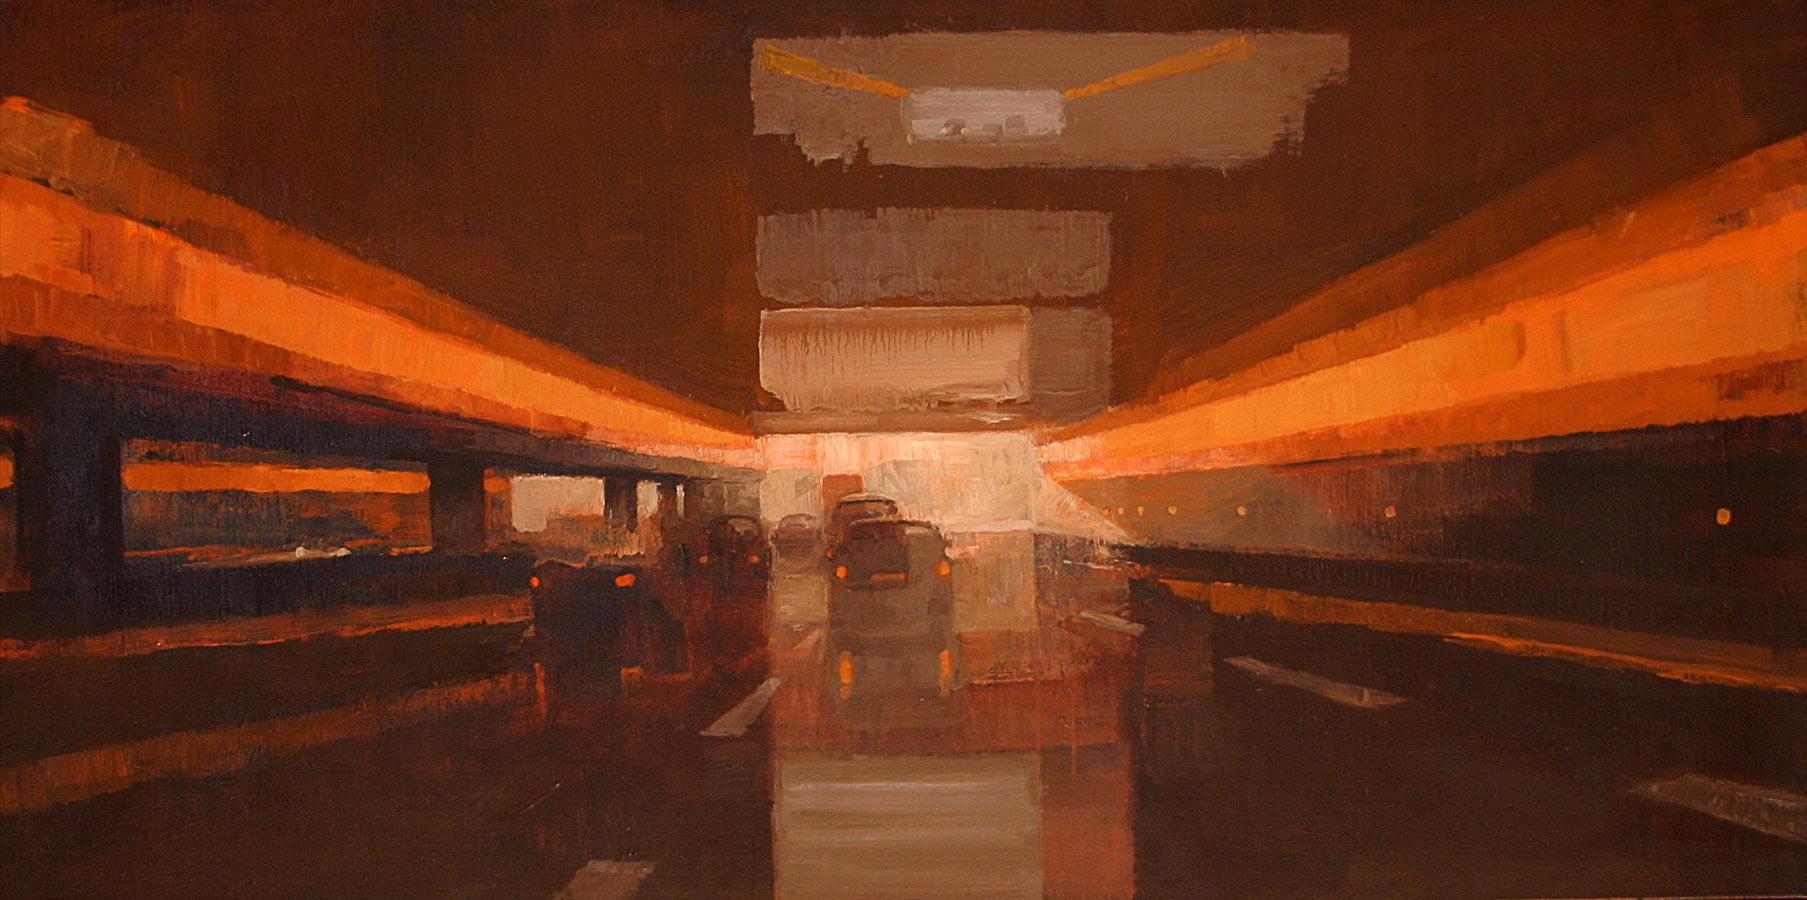 Périphérique. Huile sur toile, 100 x 50 cm, 2006